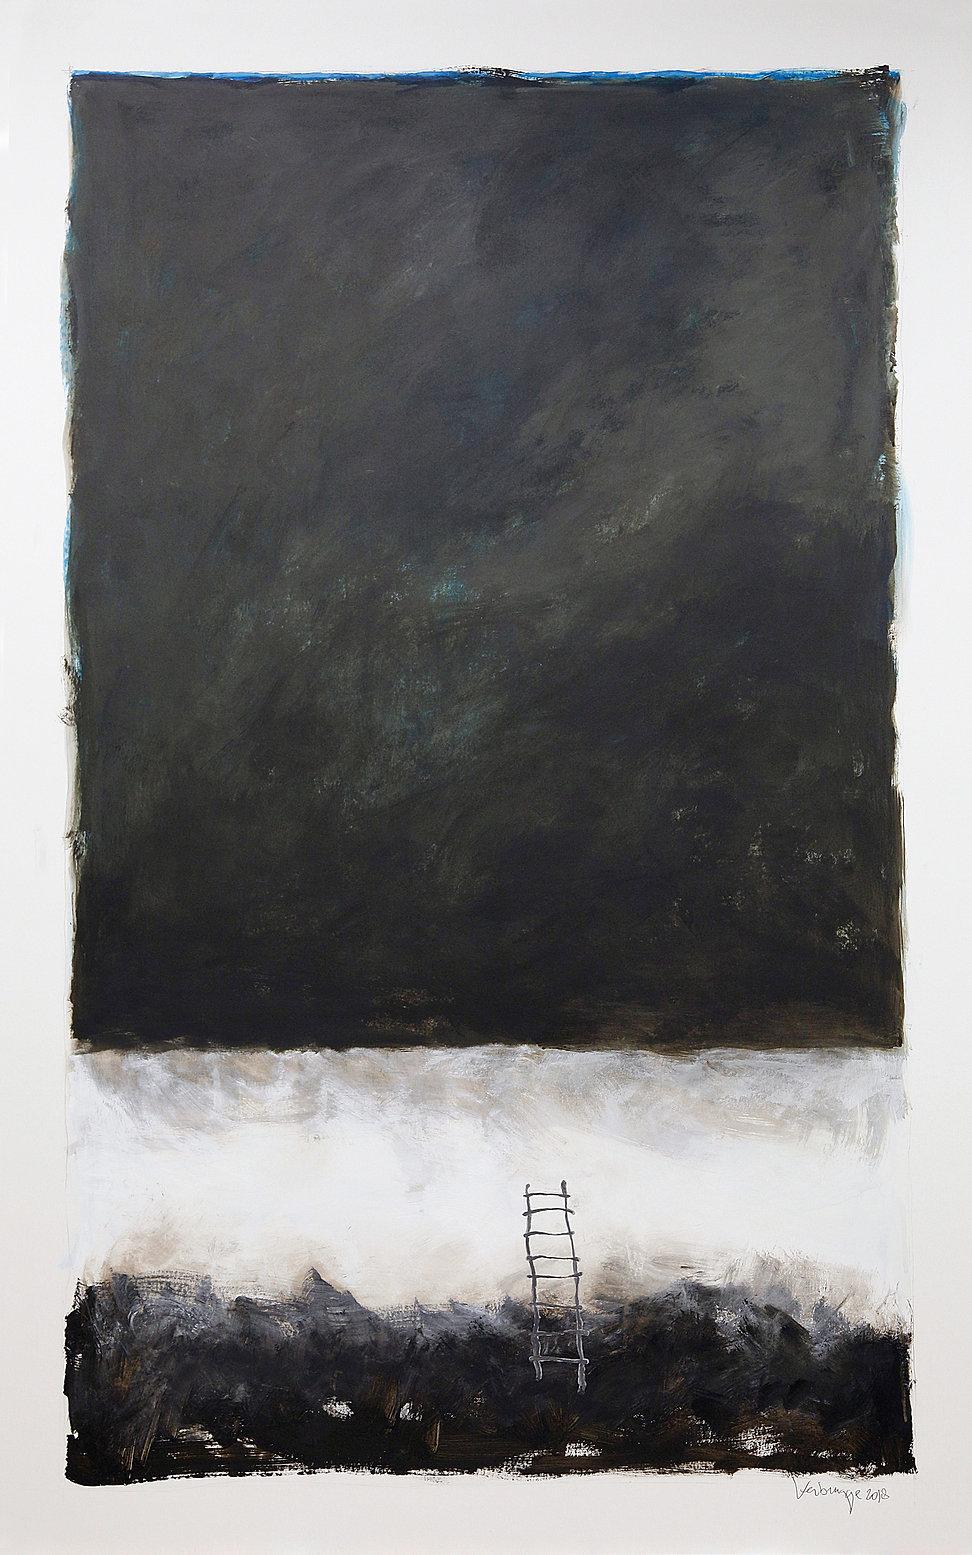 02-9854-Kleine-ladder-60x96.jpg